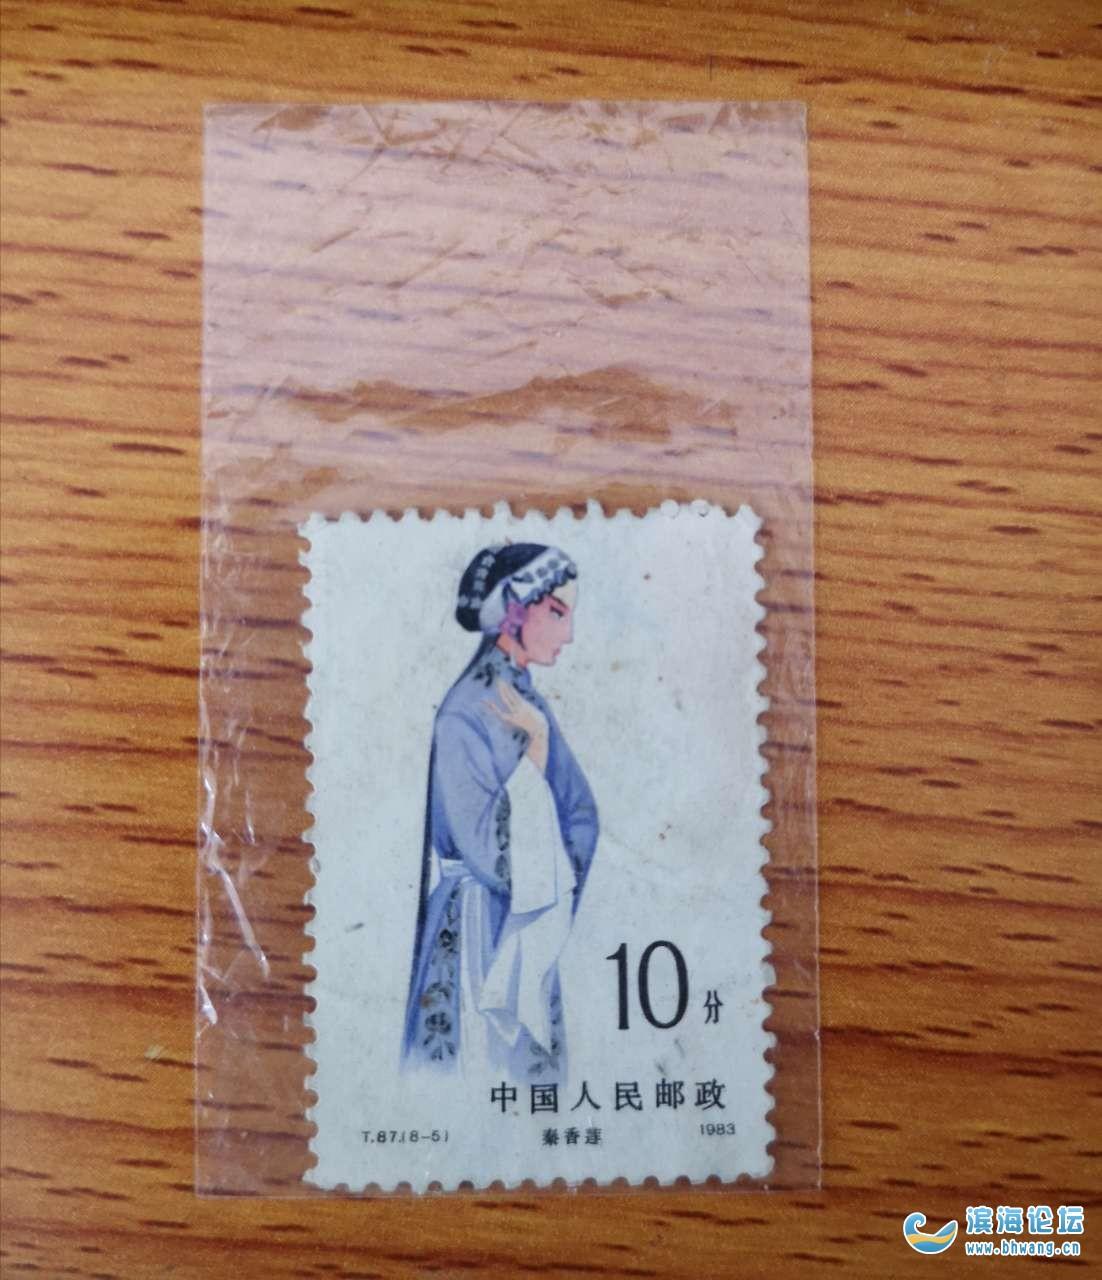 听说80到91年之间有几个邮票值钱